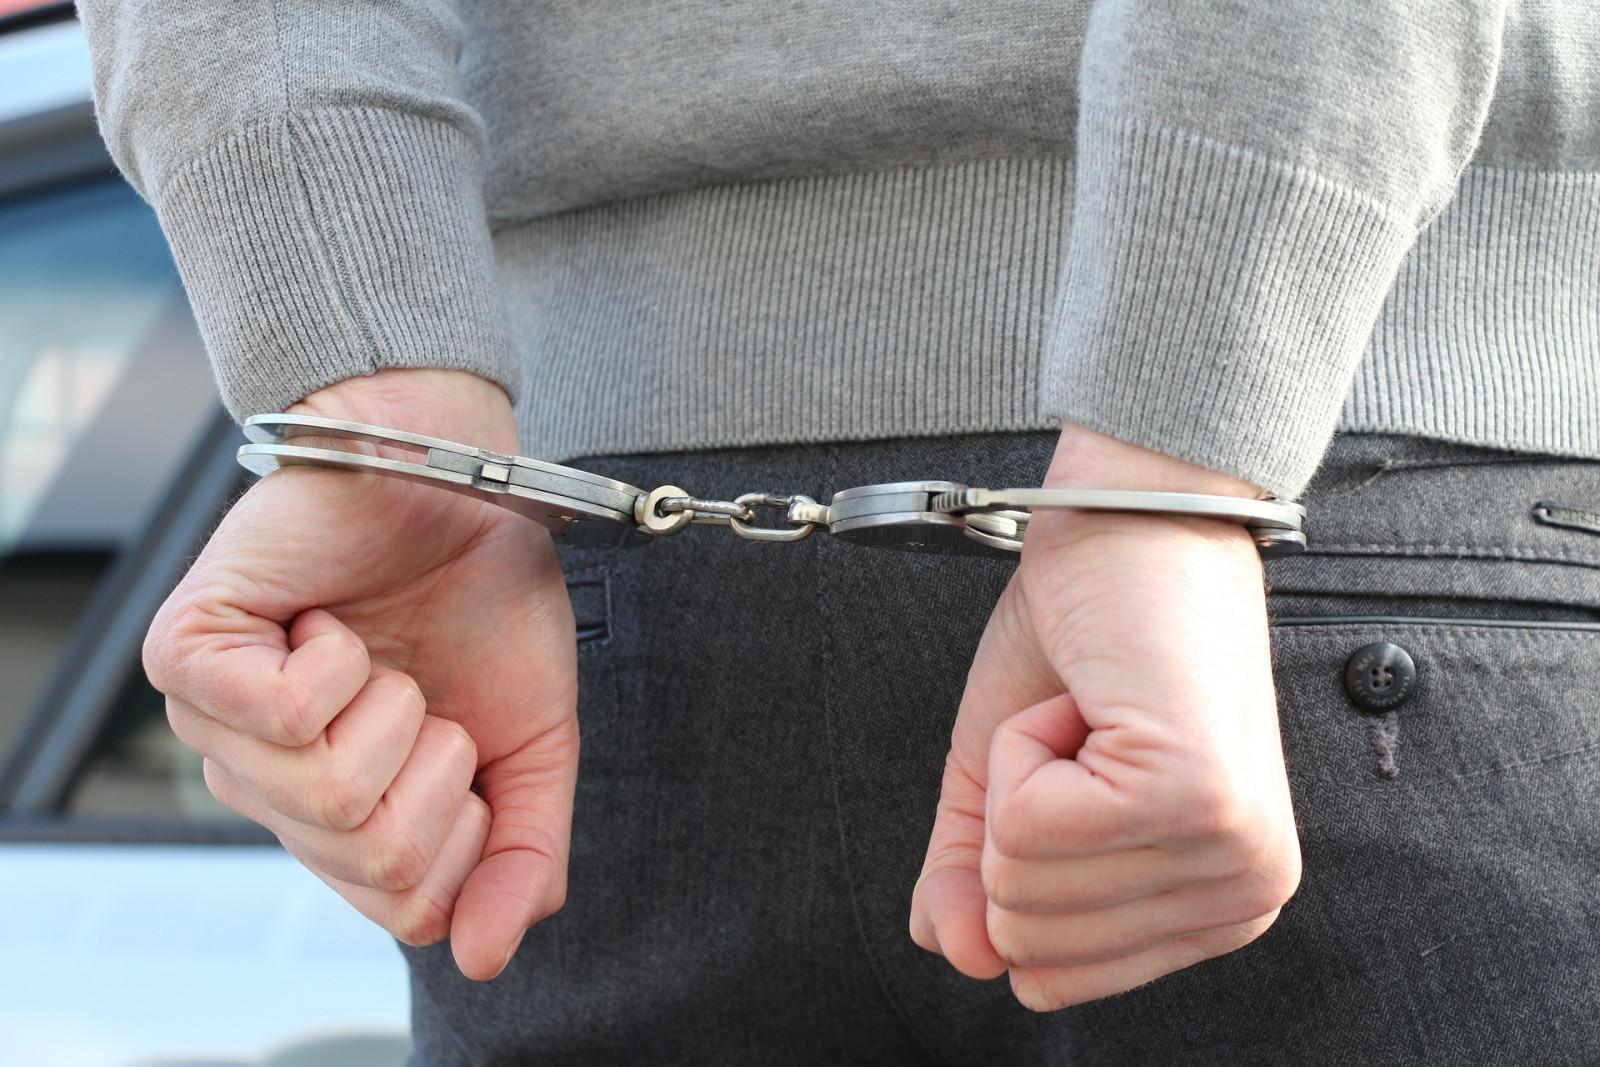 Драгдилера задержали в Волховском районе